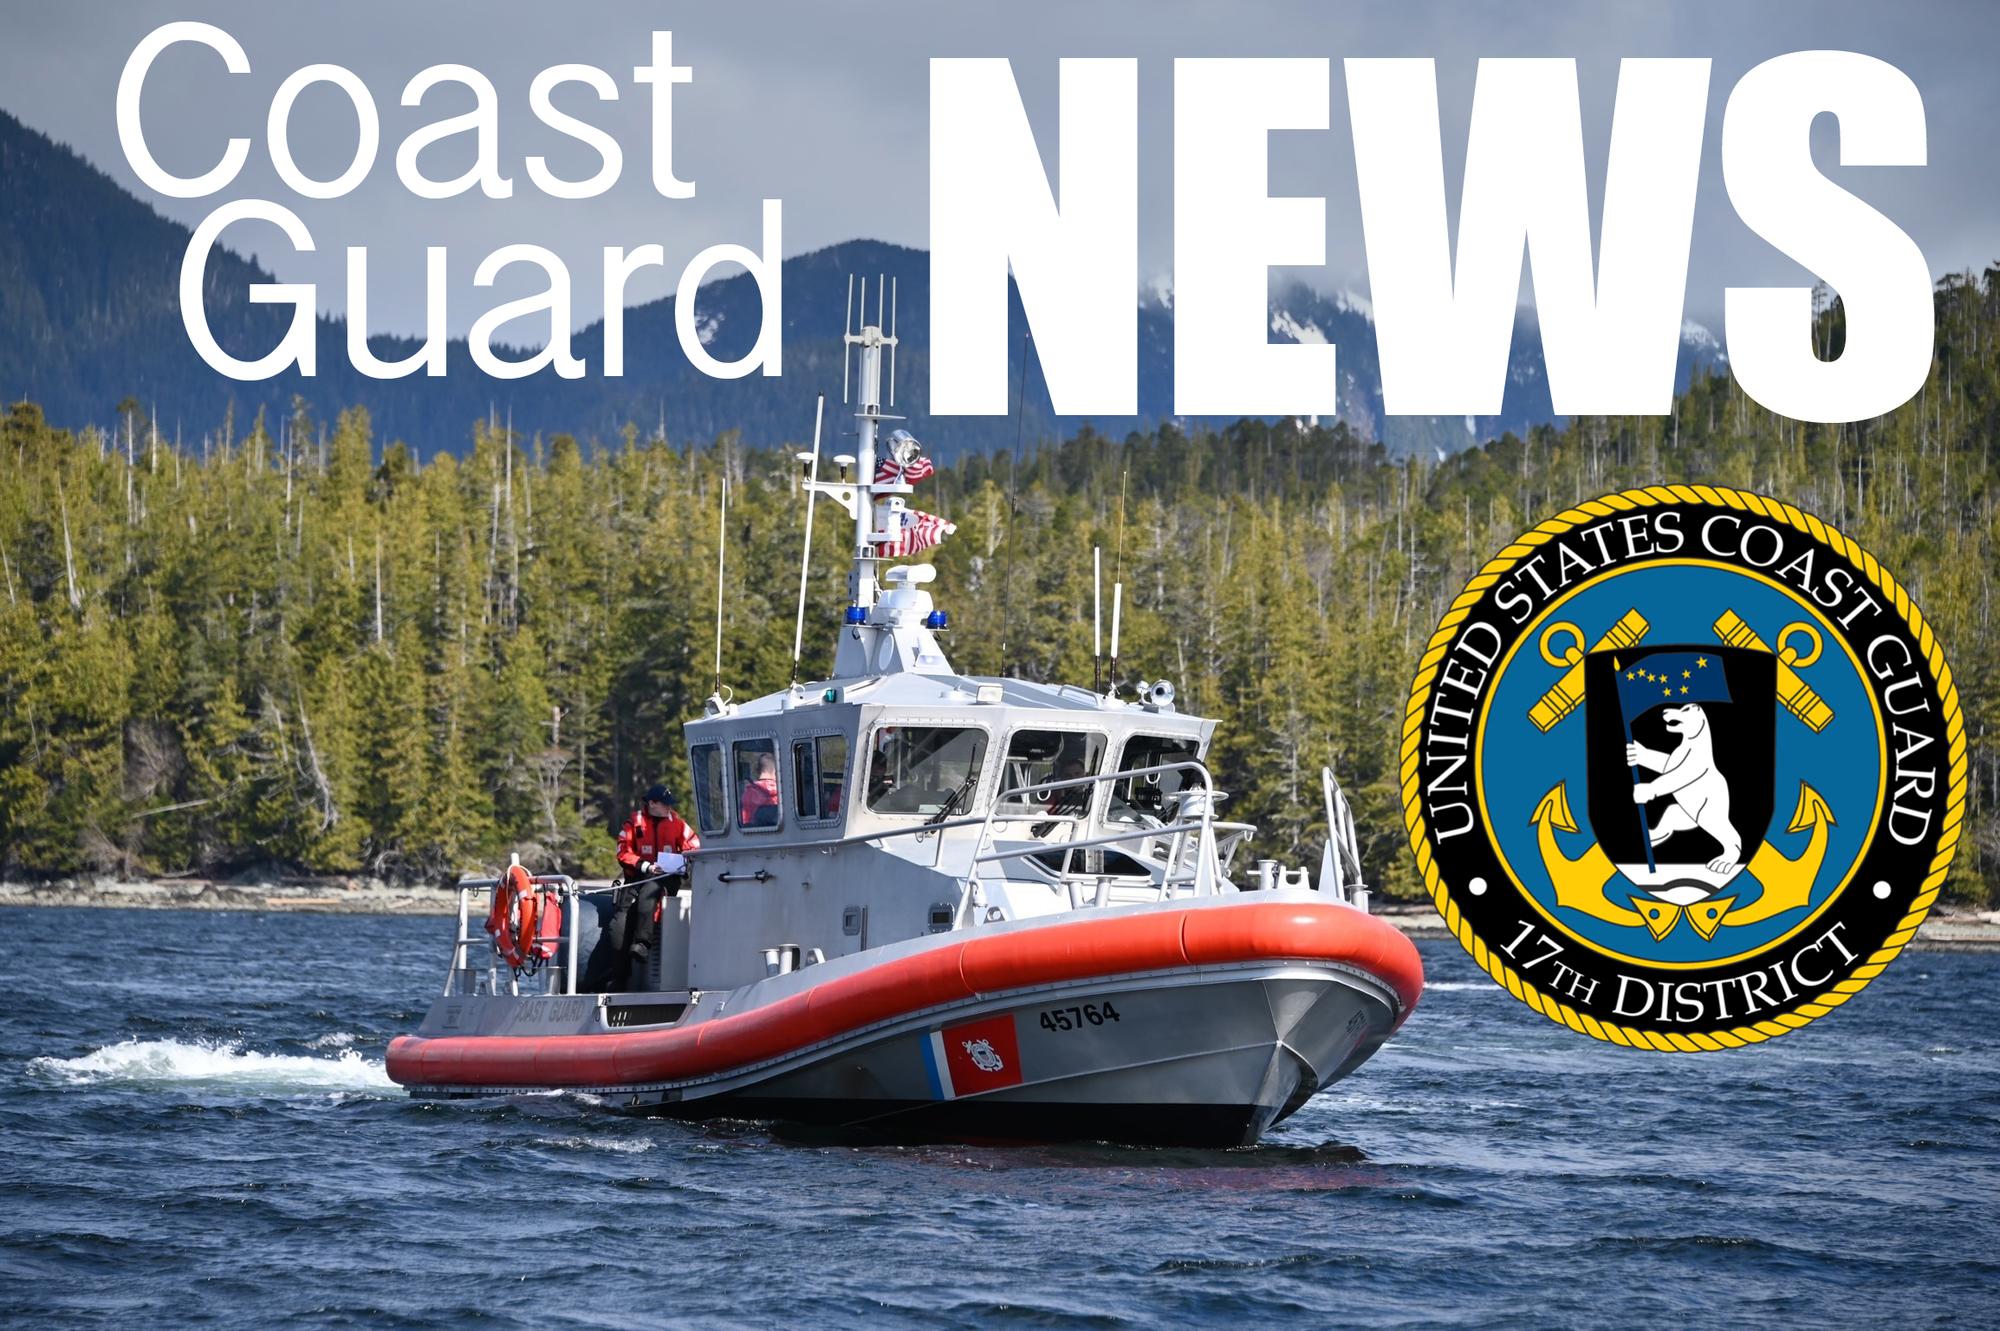 Coast Guard Response Boat-Medium